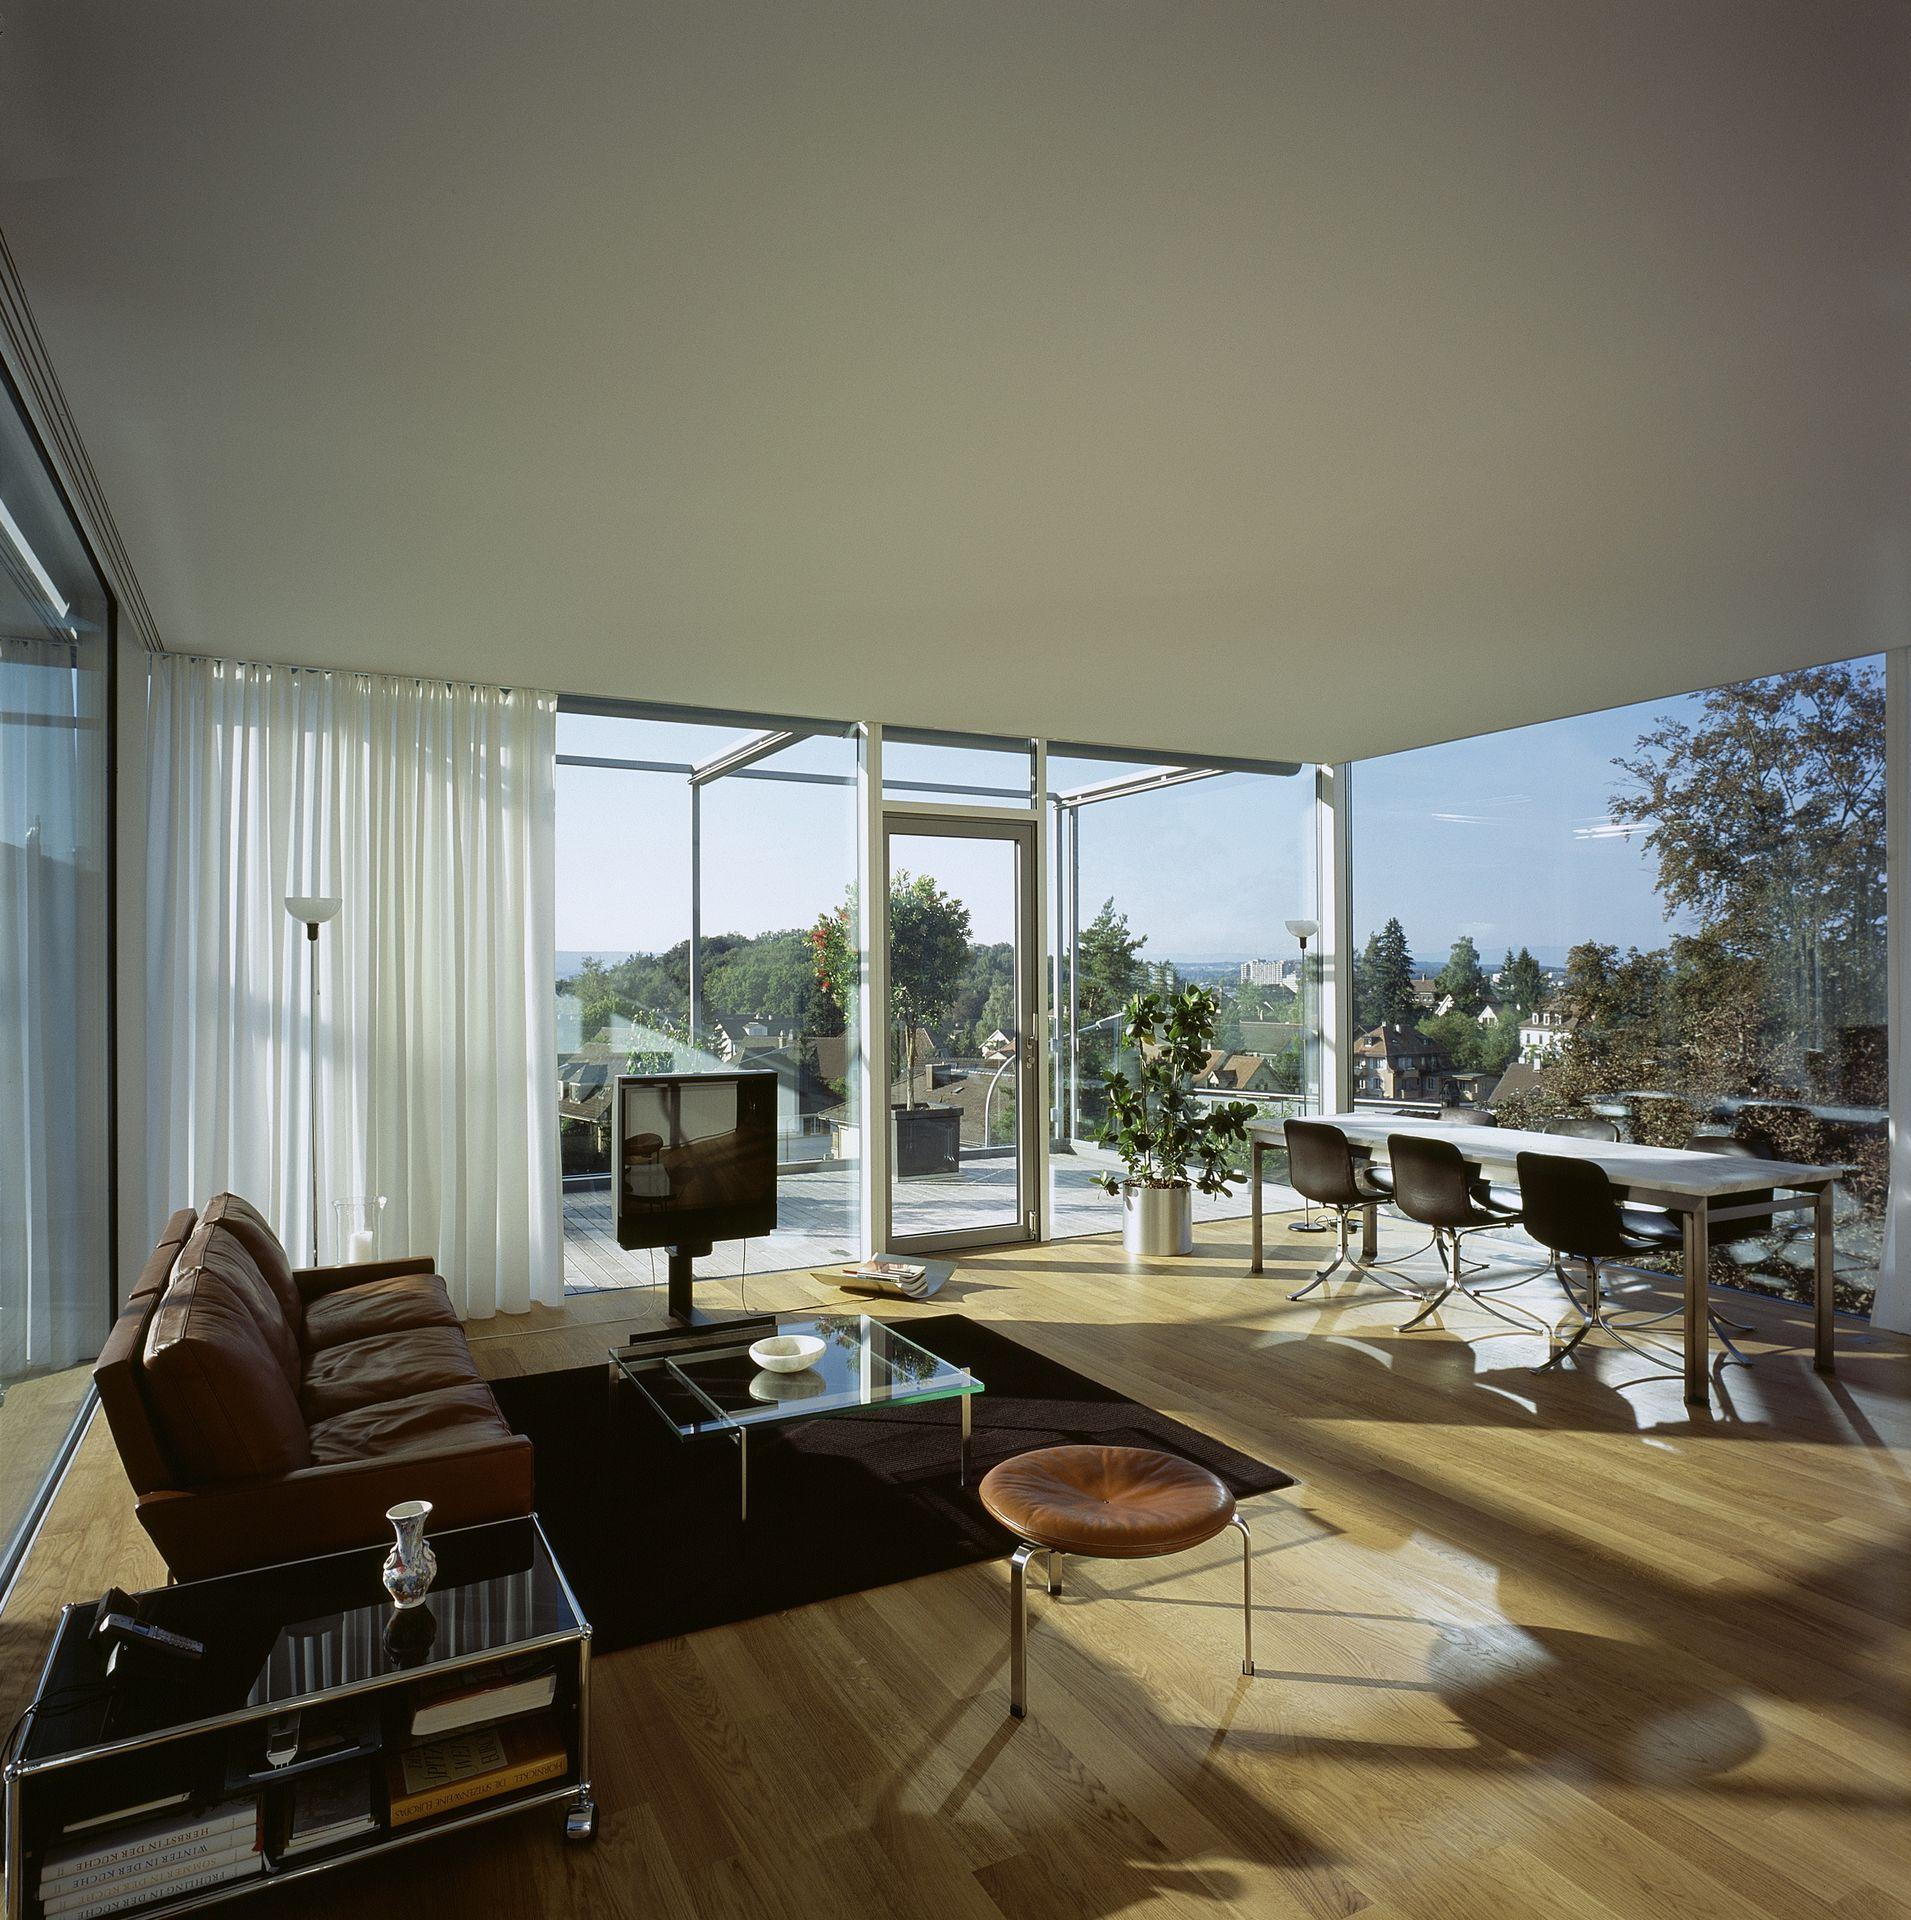 Kauf: Attraktive Attikawohnung (105,5 m²) mit Studio (35,5 m²)